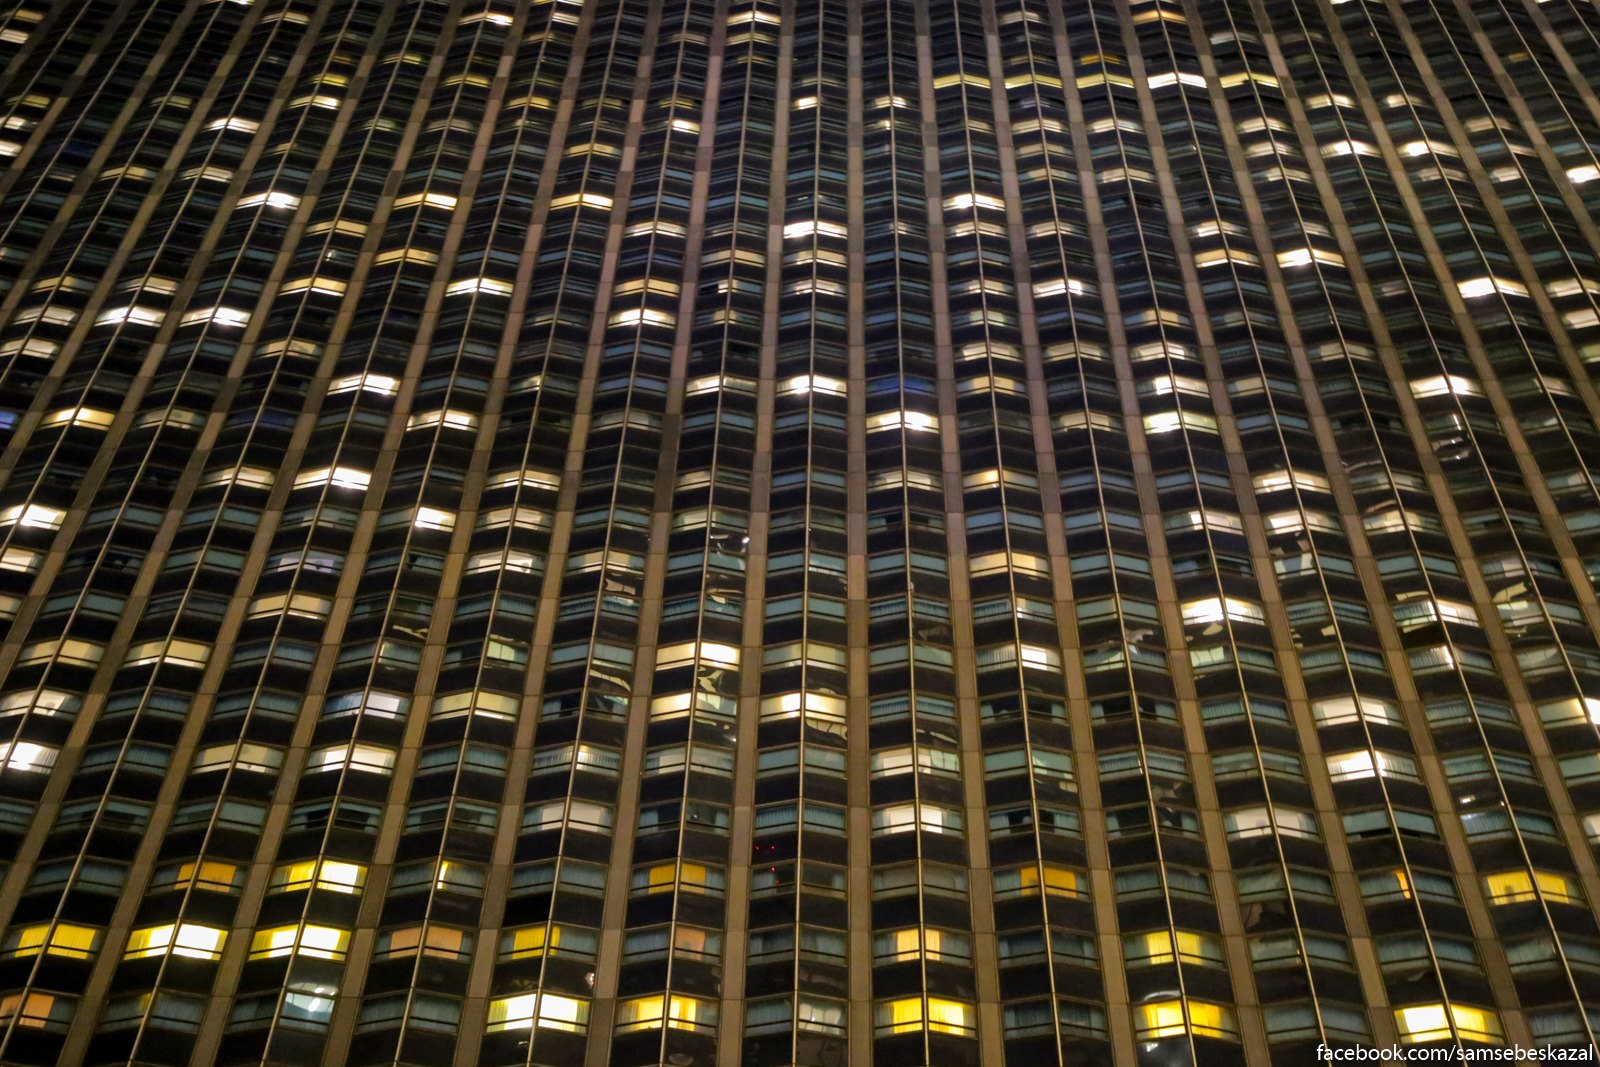 Hilton Midtaun - samyj bolʹsoj otelʹ v Nʹu-Jorke. Pocti 2000 nomerov.